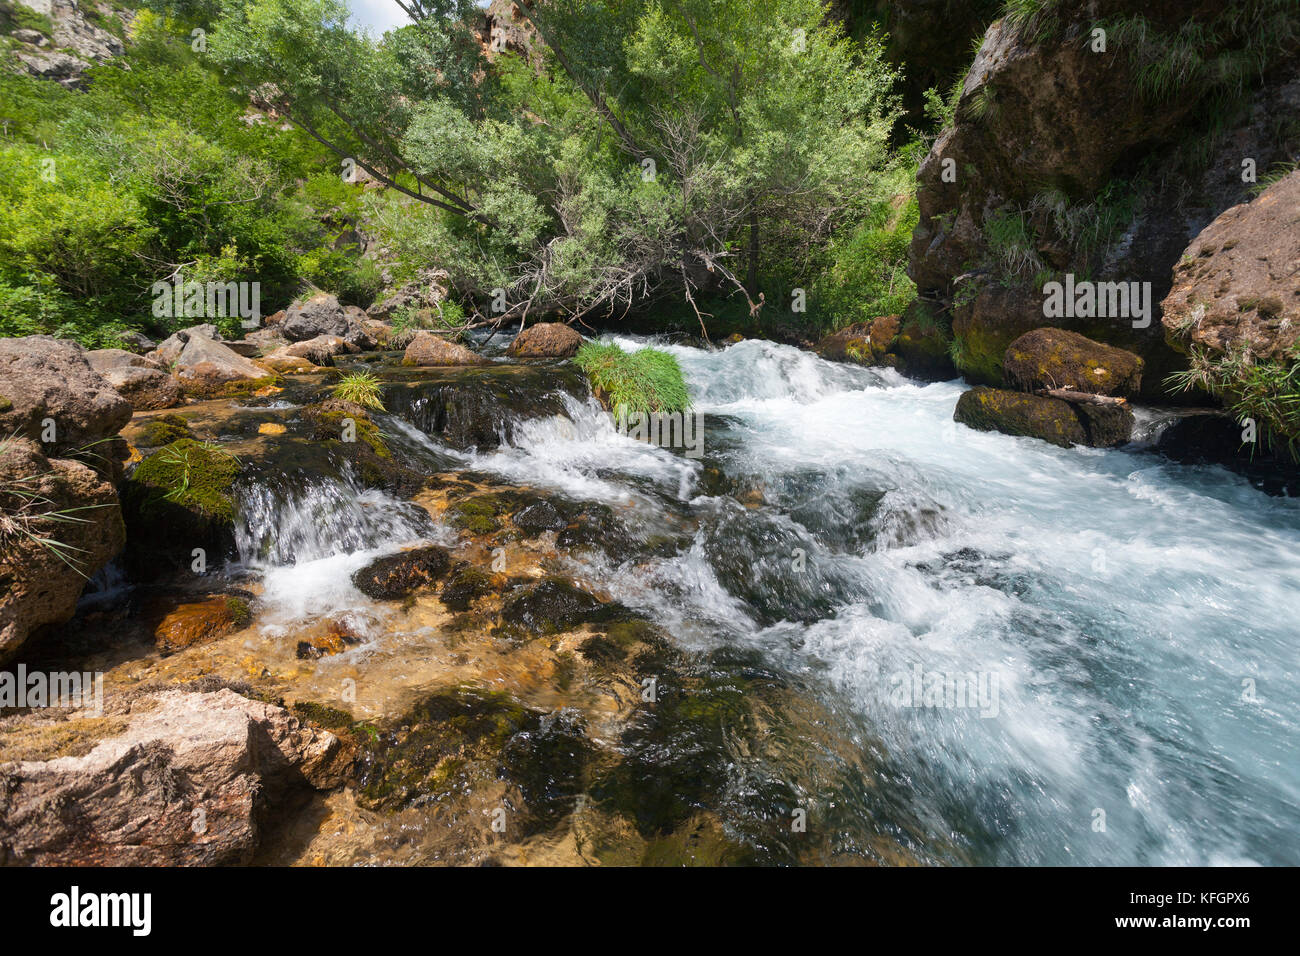 Stromschnellen und Wasserfälle auf der Leber sind geschaedigt Krcic in Kroatien Stockbild